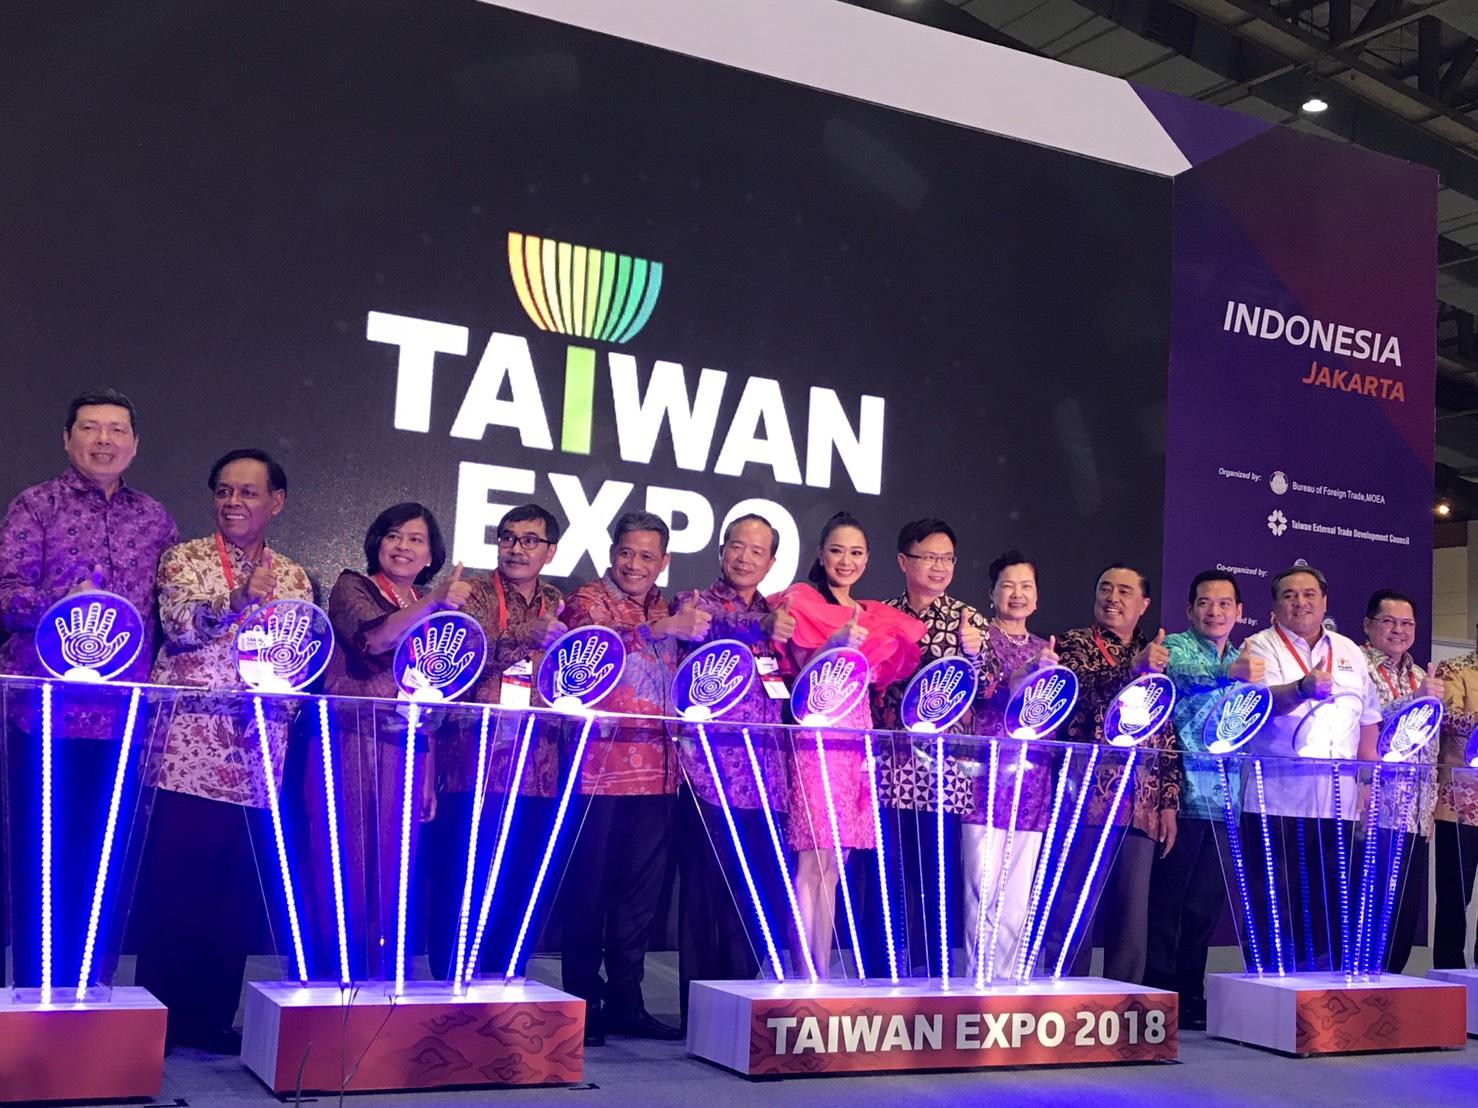 在印尼舉辦台灣形象展。照片提供:外貿協會。